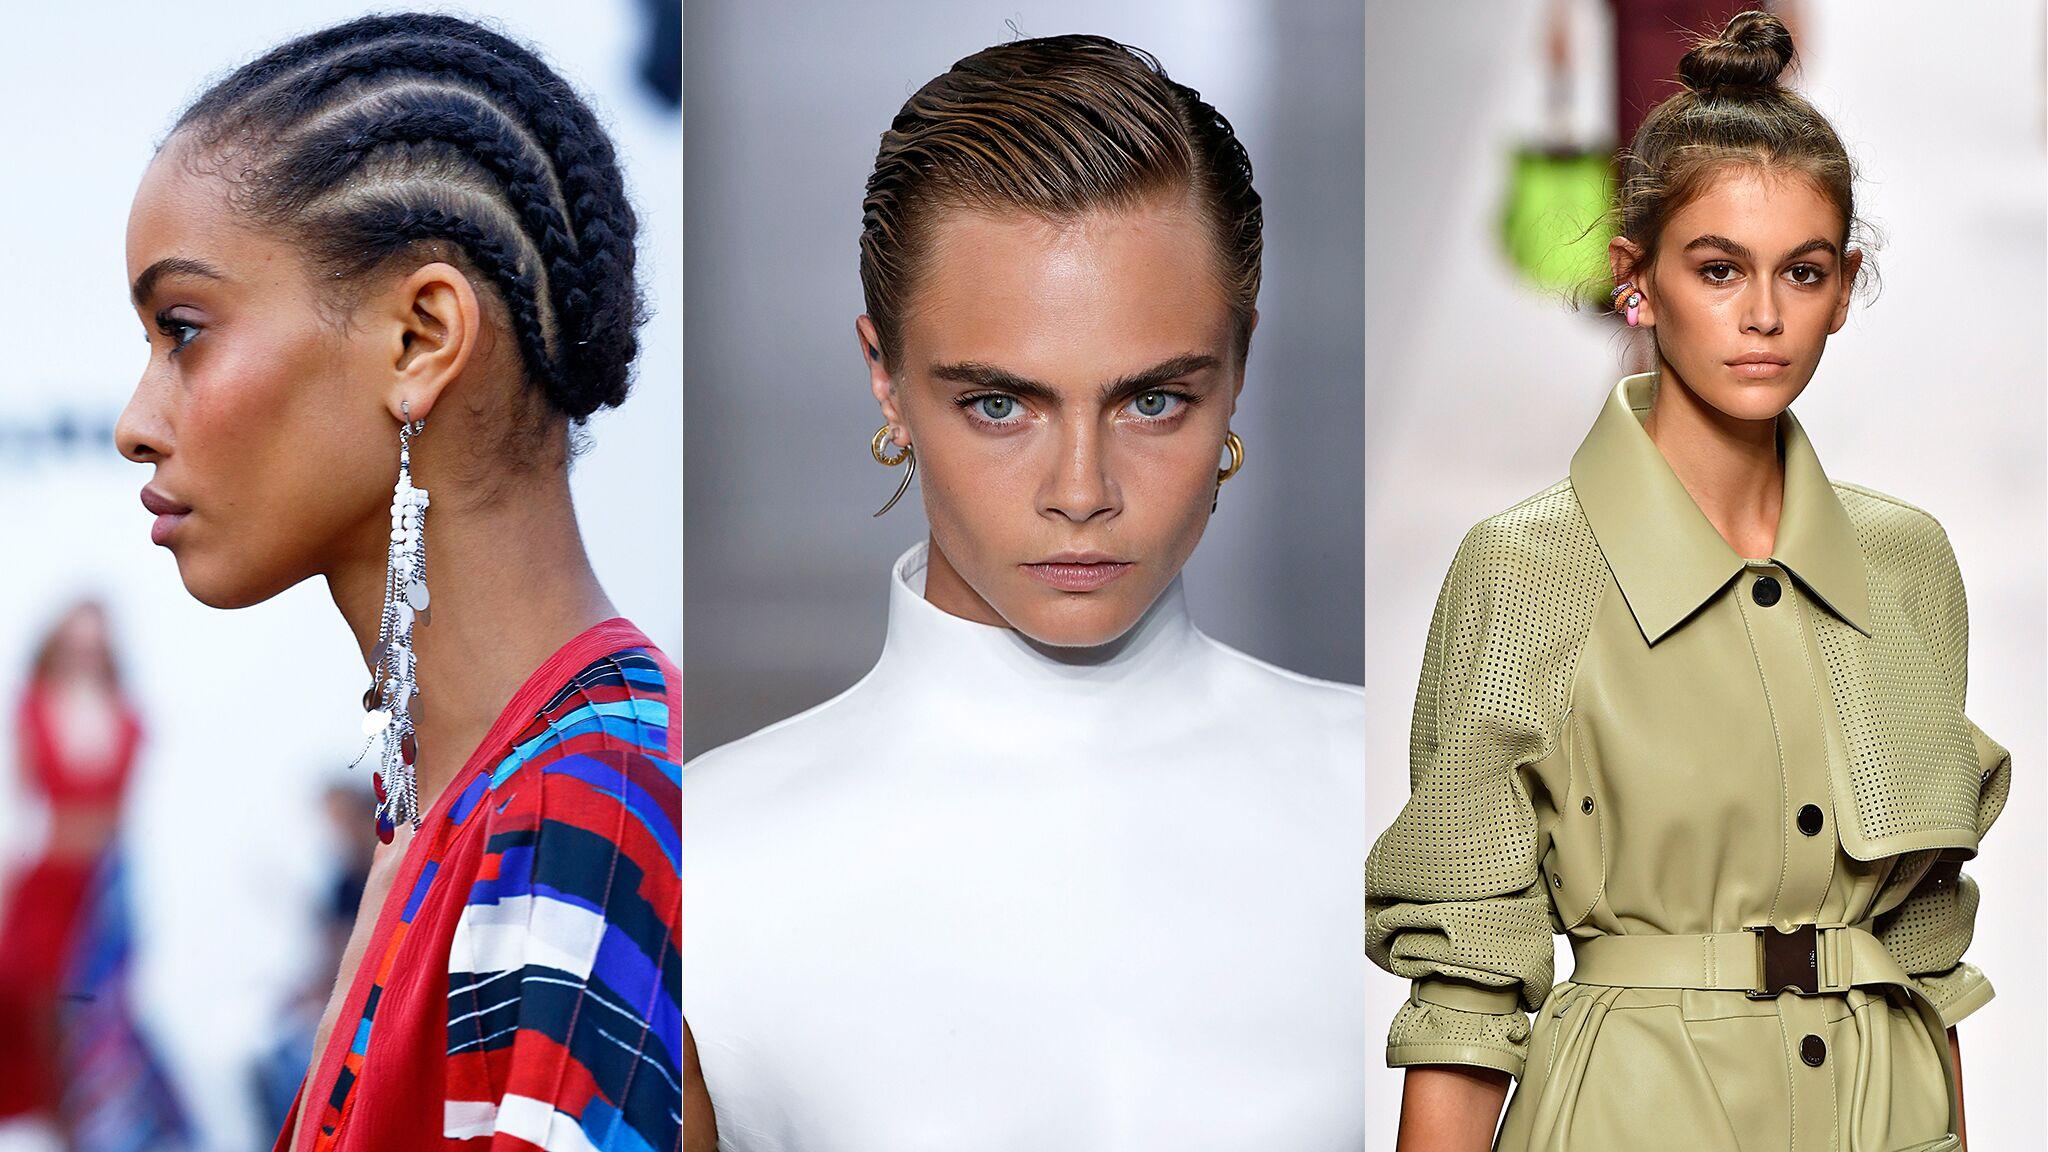 Cheveux   découvrez les nouvelles tendances du printemps été 2019 ! - Voici 499523737a1